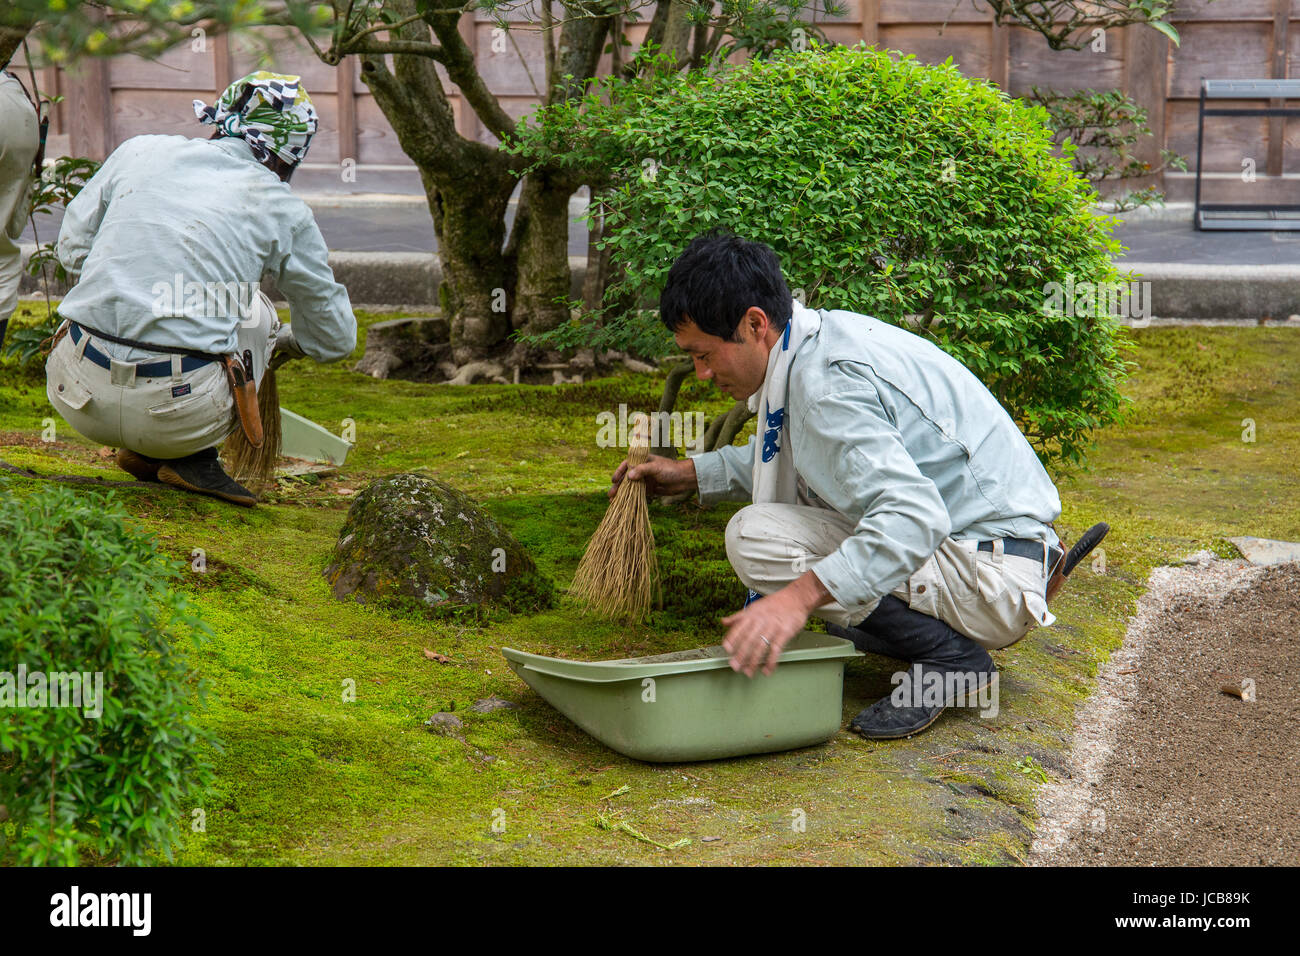 La purification du jardin à Ginkaku-ji, Kyoto, Japon. Photo Stock